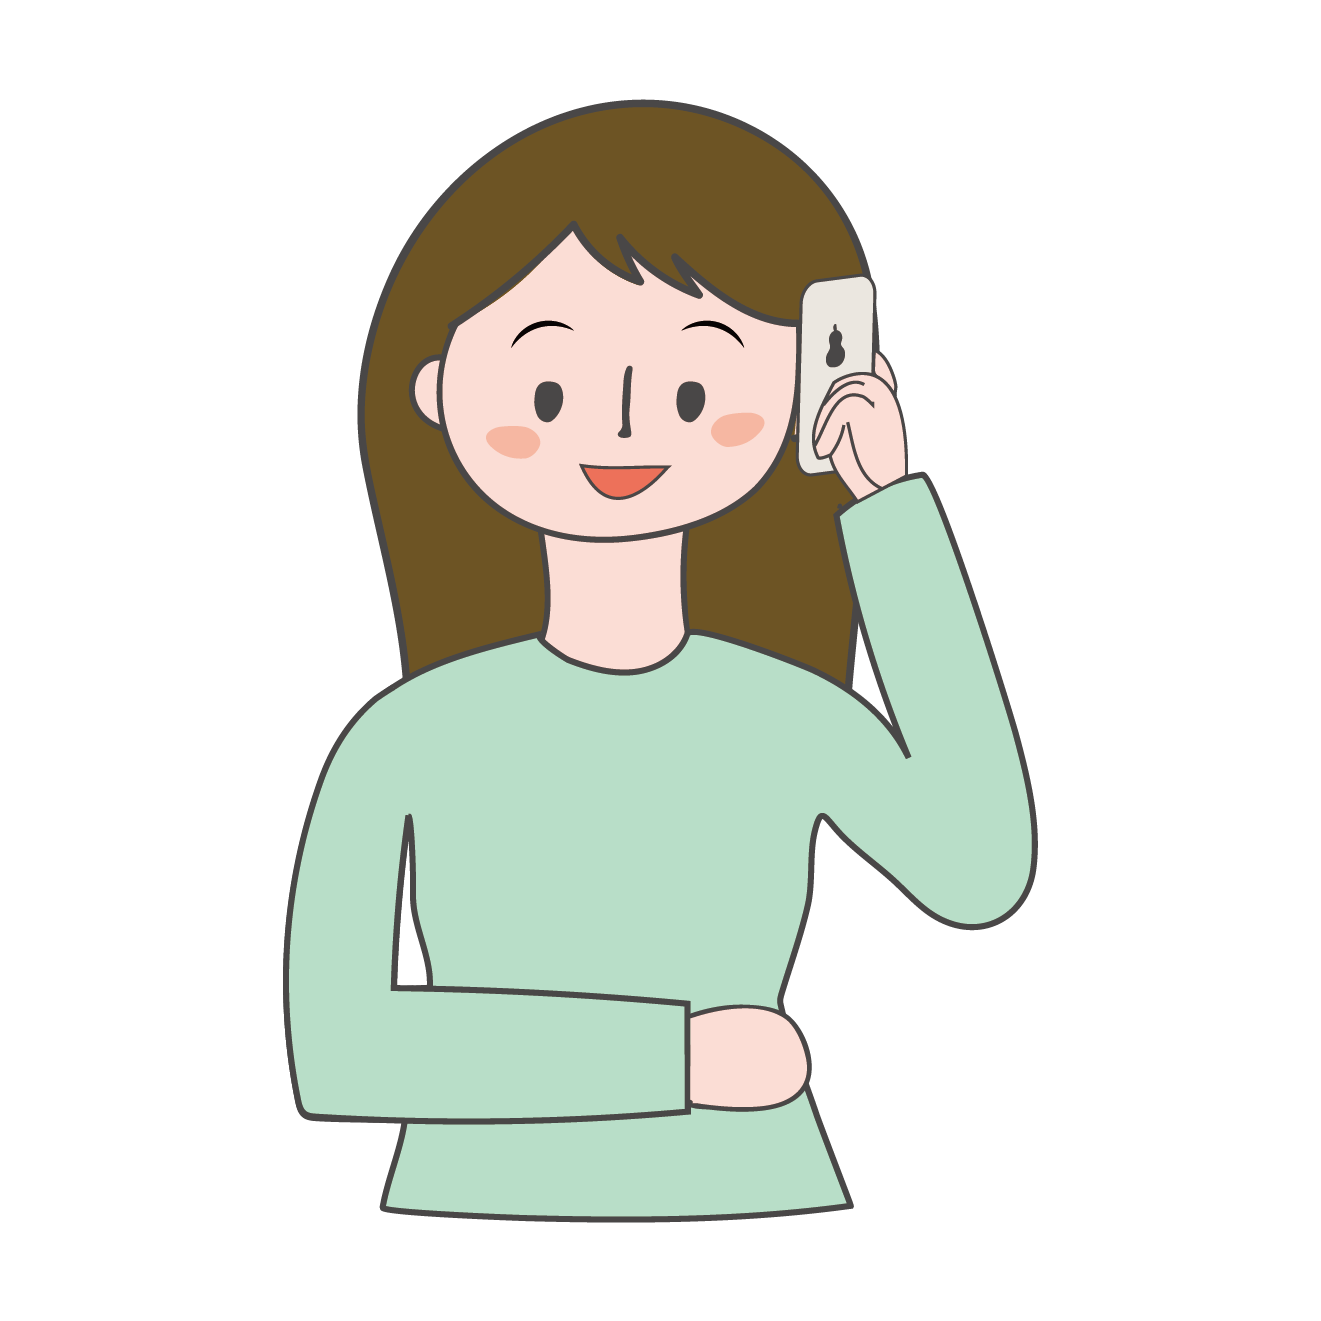 携帯電話で通話中(お話中)の女性のイラスト | 商用フリー(無料)の